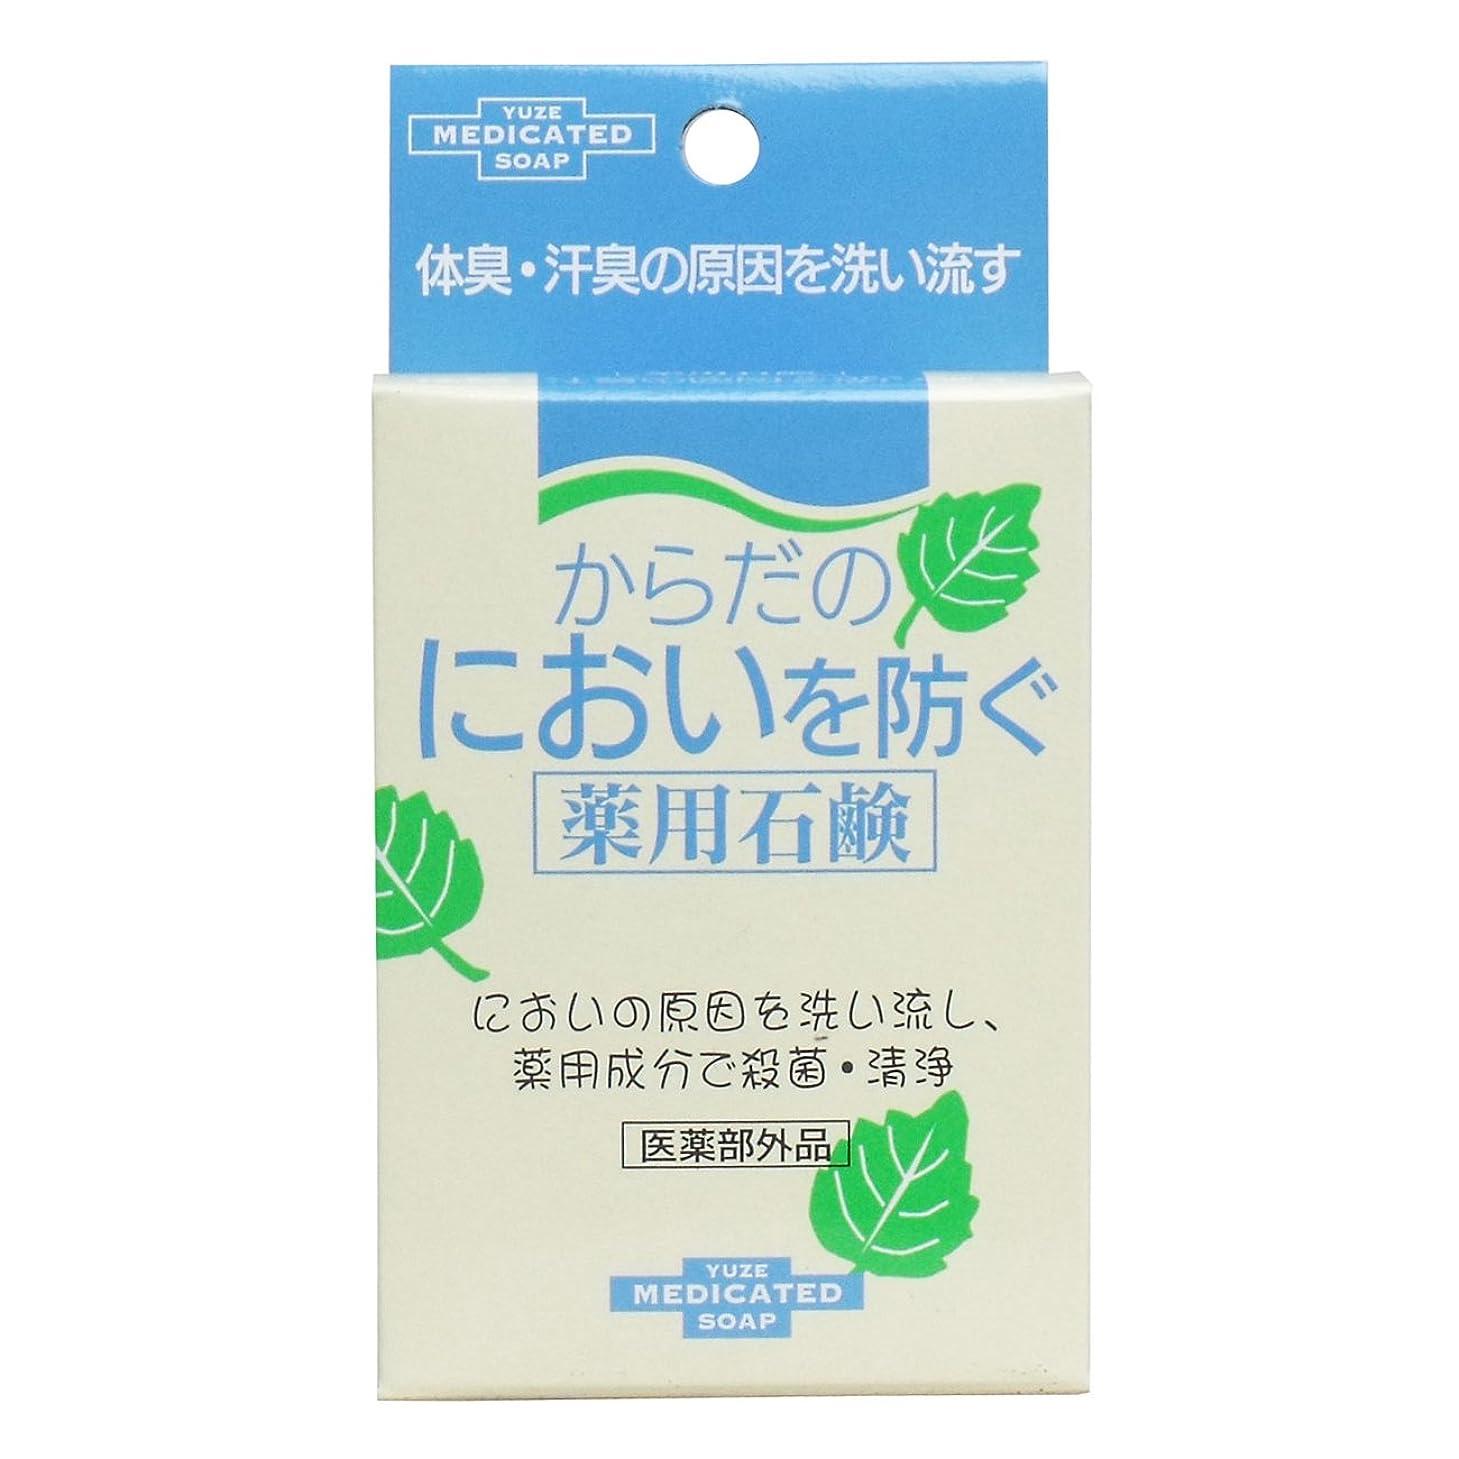 位置するカタログ続編からだのにおいを防ぐ薬用石鹸 110g ユゼ